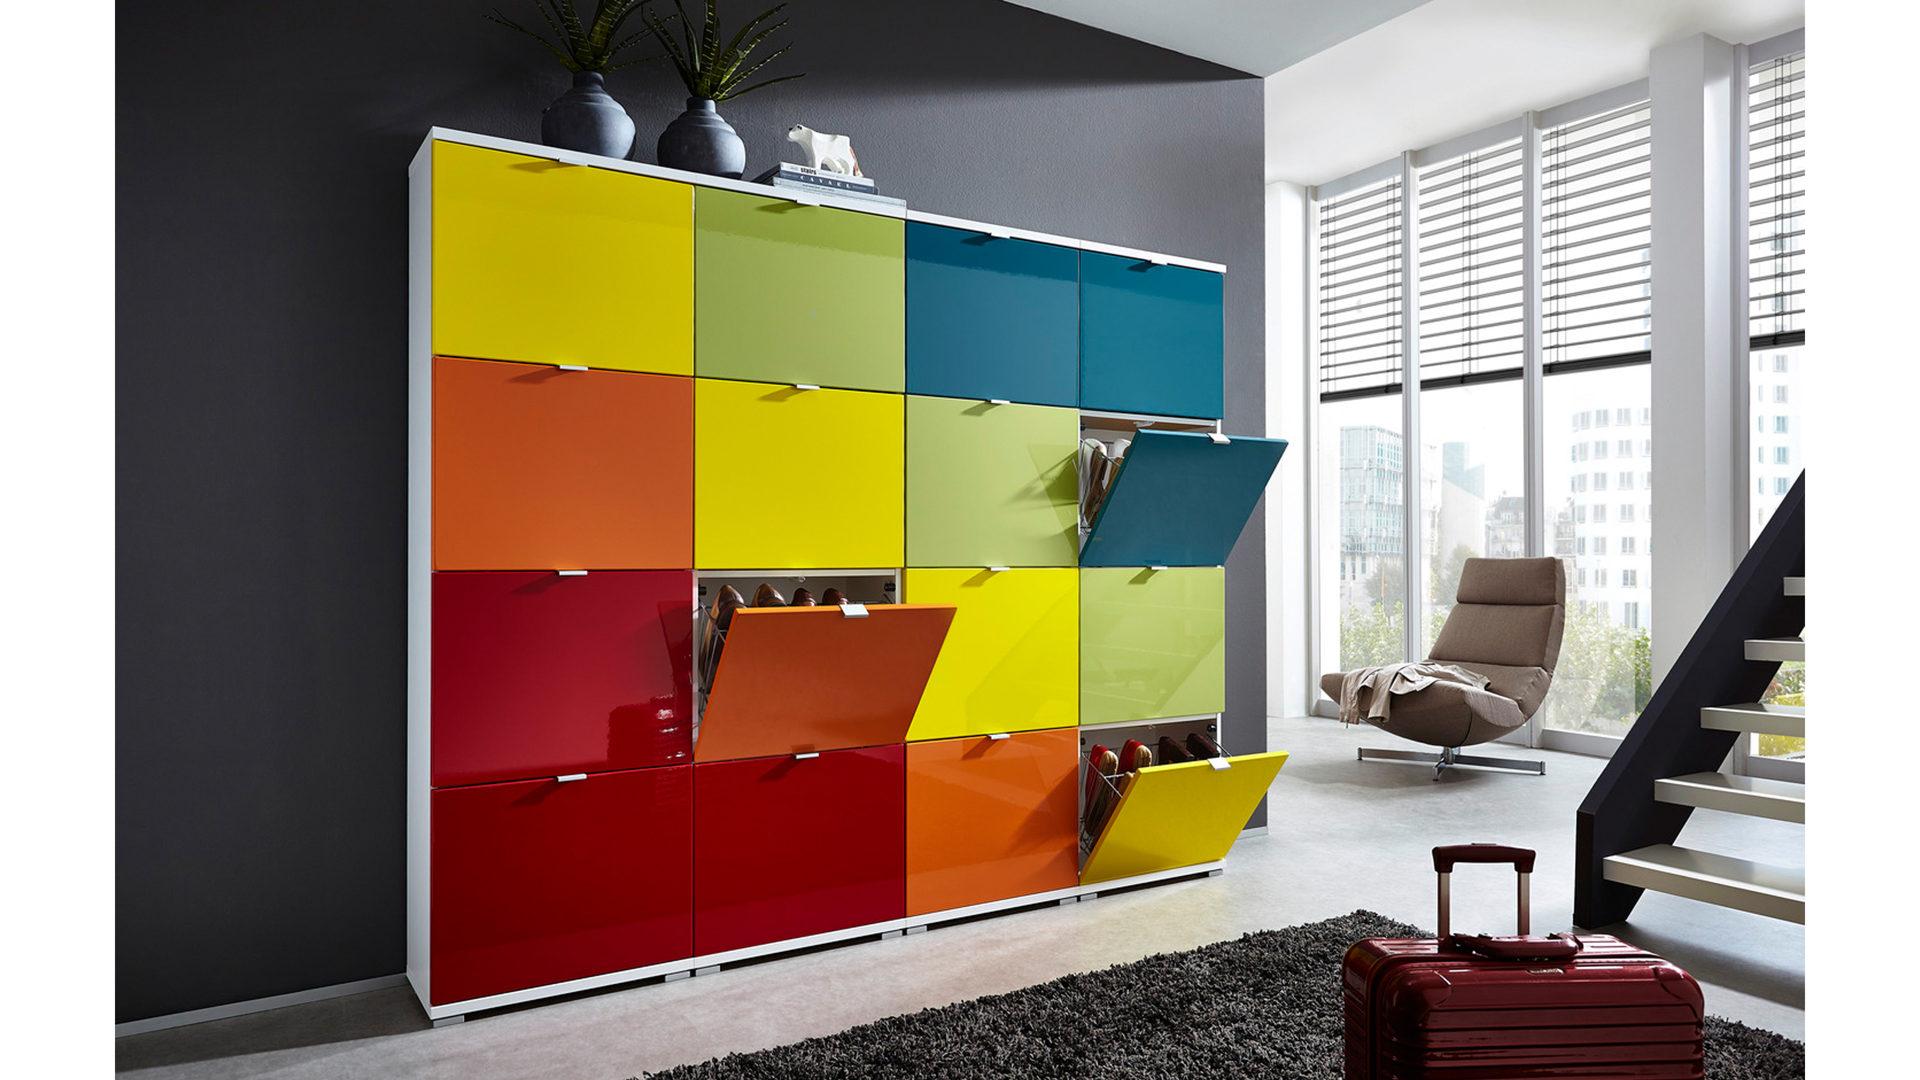 Bunte Möbel möbel bernskötter mülheim räume wohnzimmer kommoden sideboards